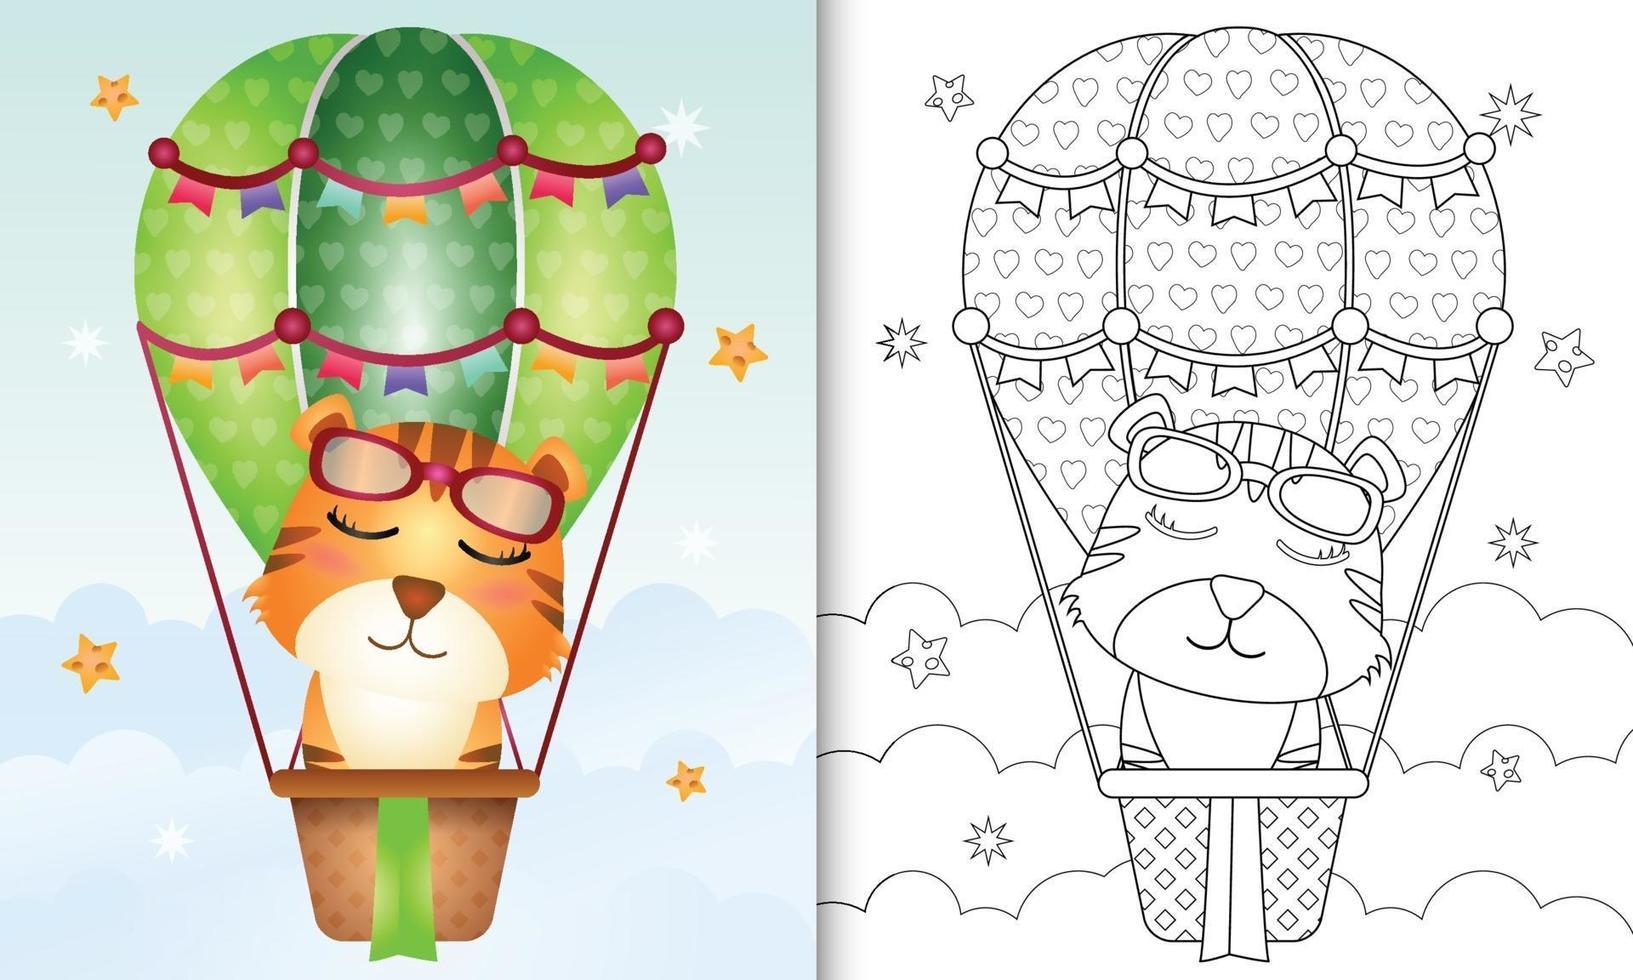 kleurboeksjabloon voor kinderen met een schattige tijger op heteluchtballon vector